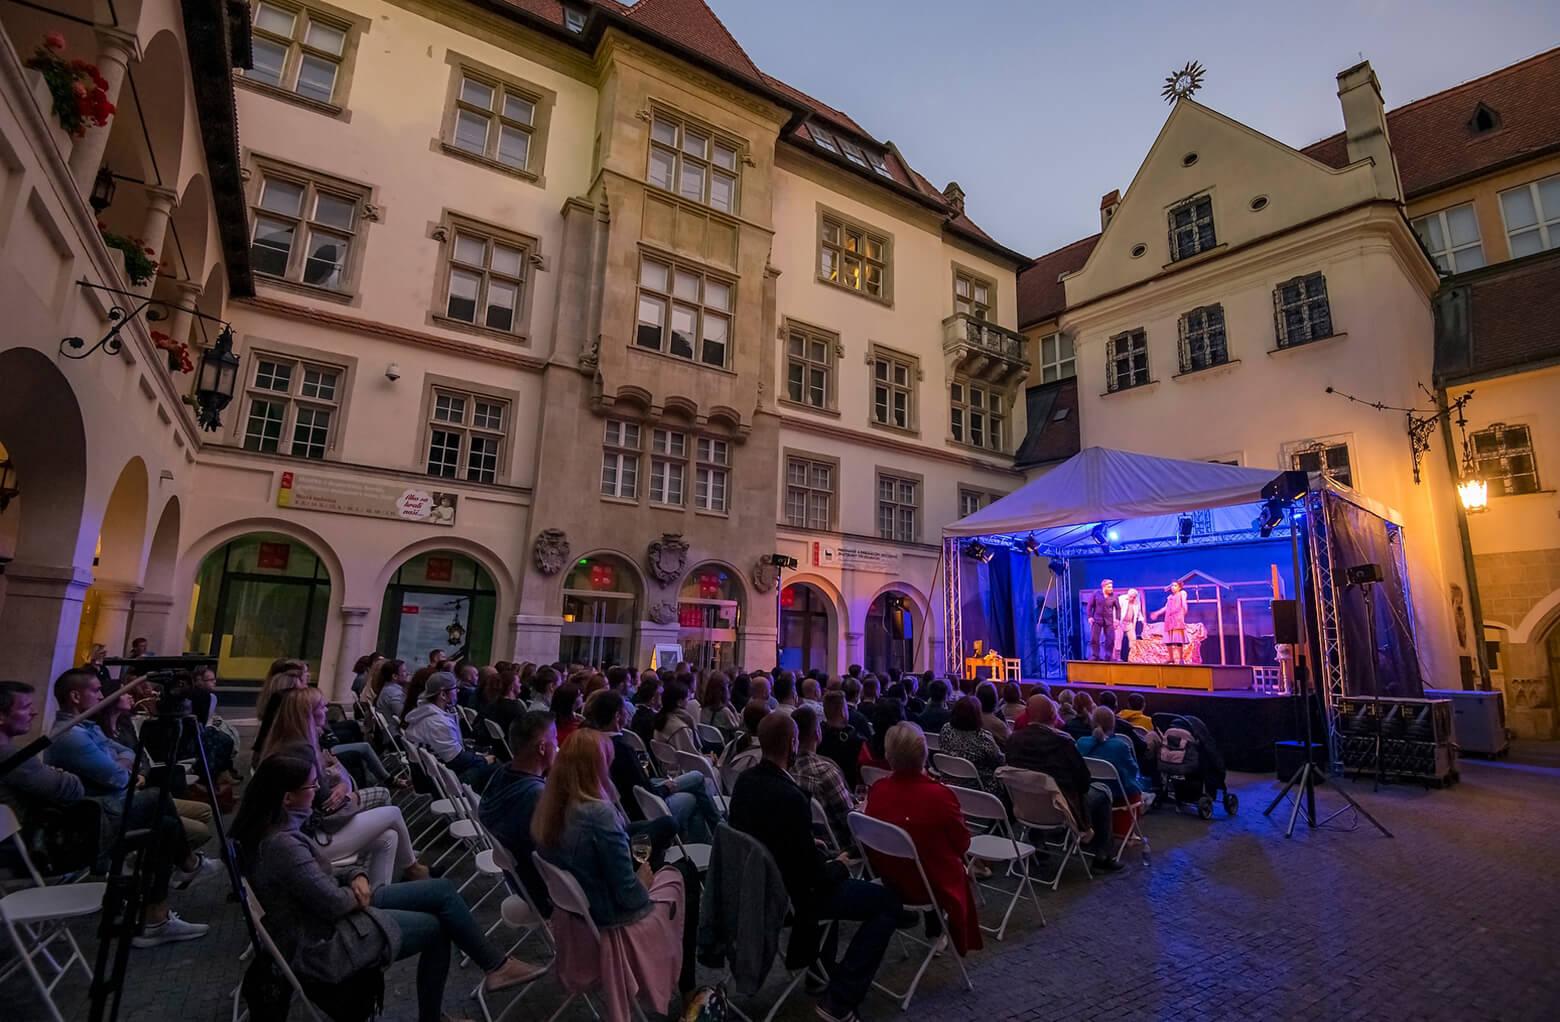 Bratislavske_divadelne_noci(1)